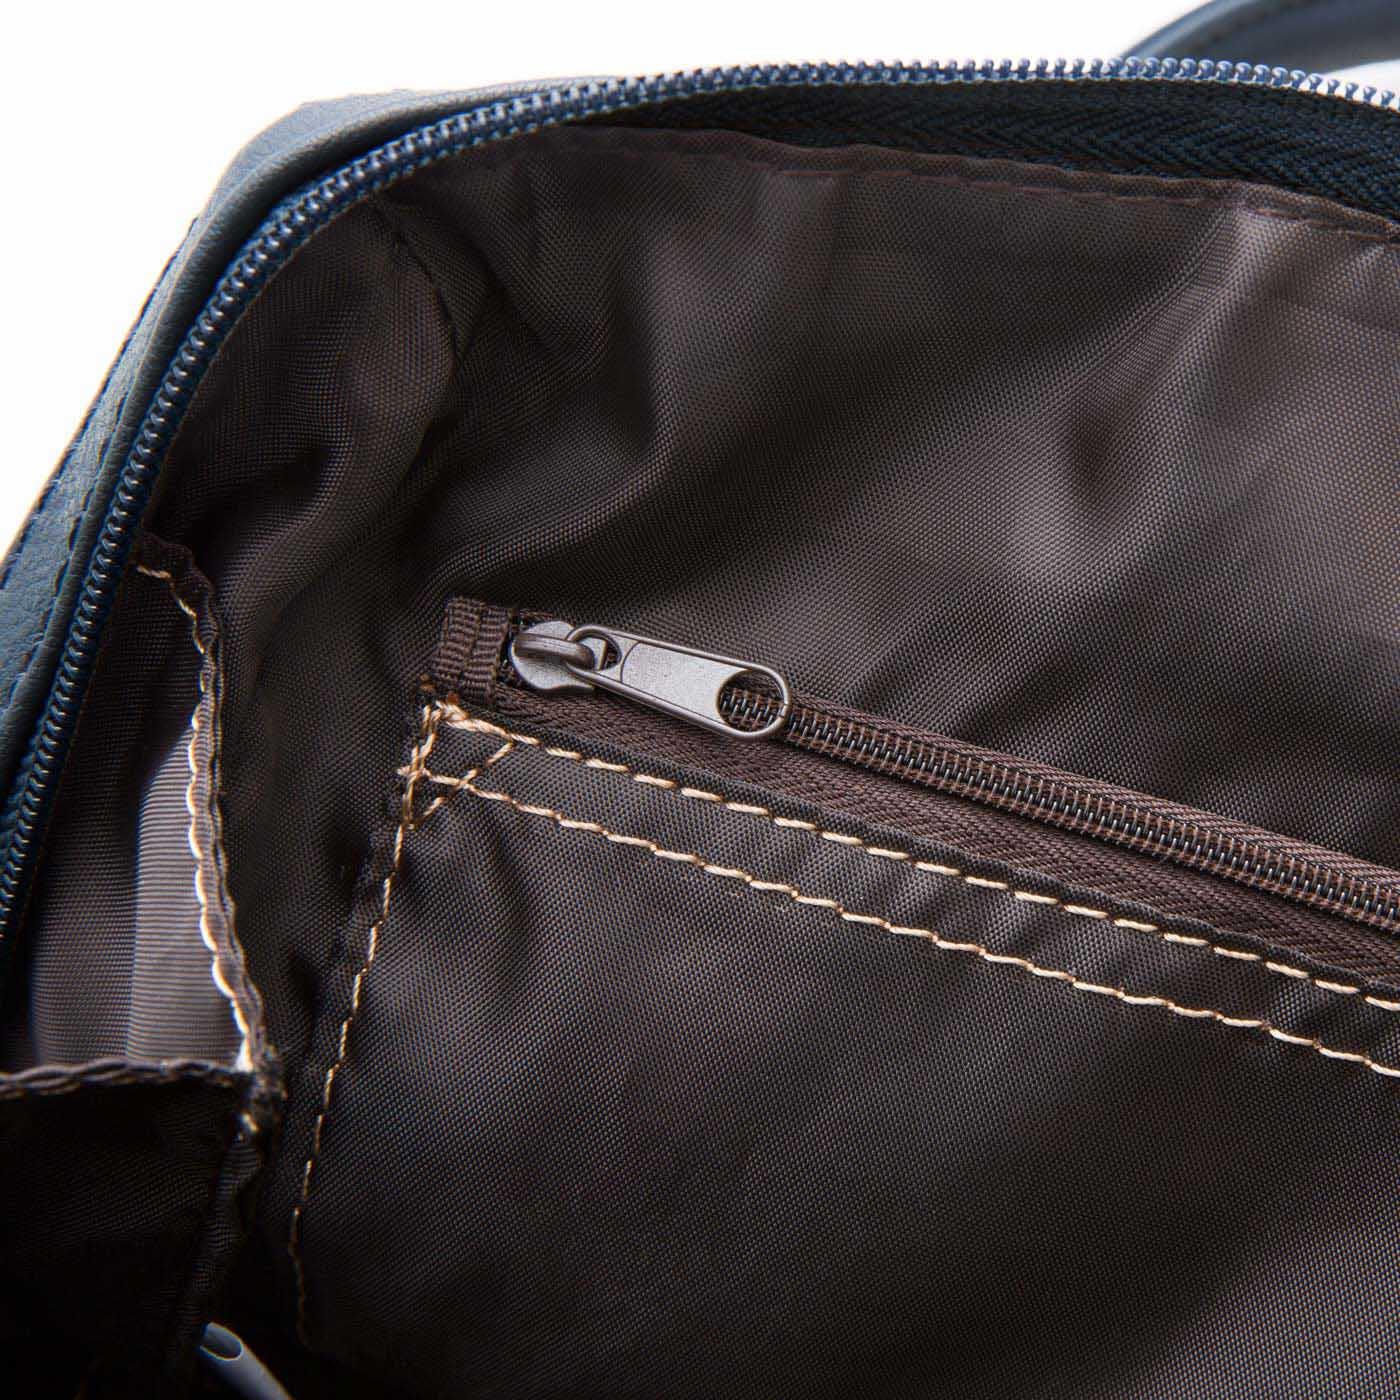 内側に配色ステッチをほどこし、バッグの中を明るく見やすい仕様に。